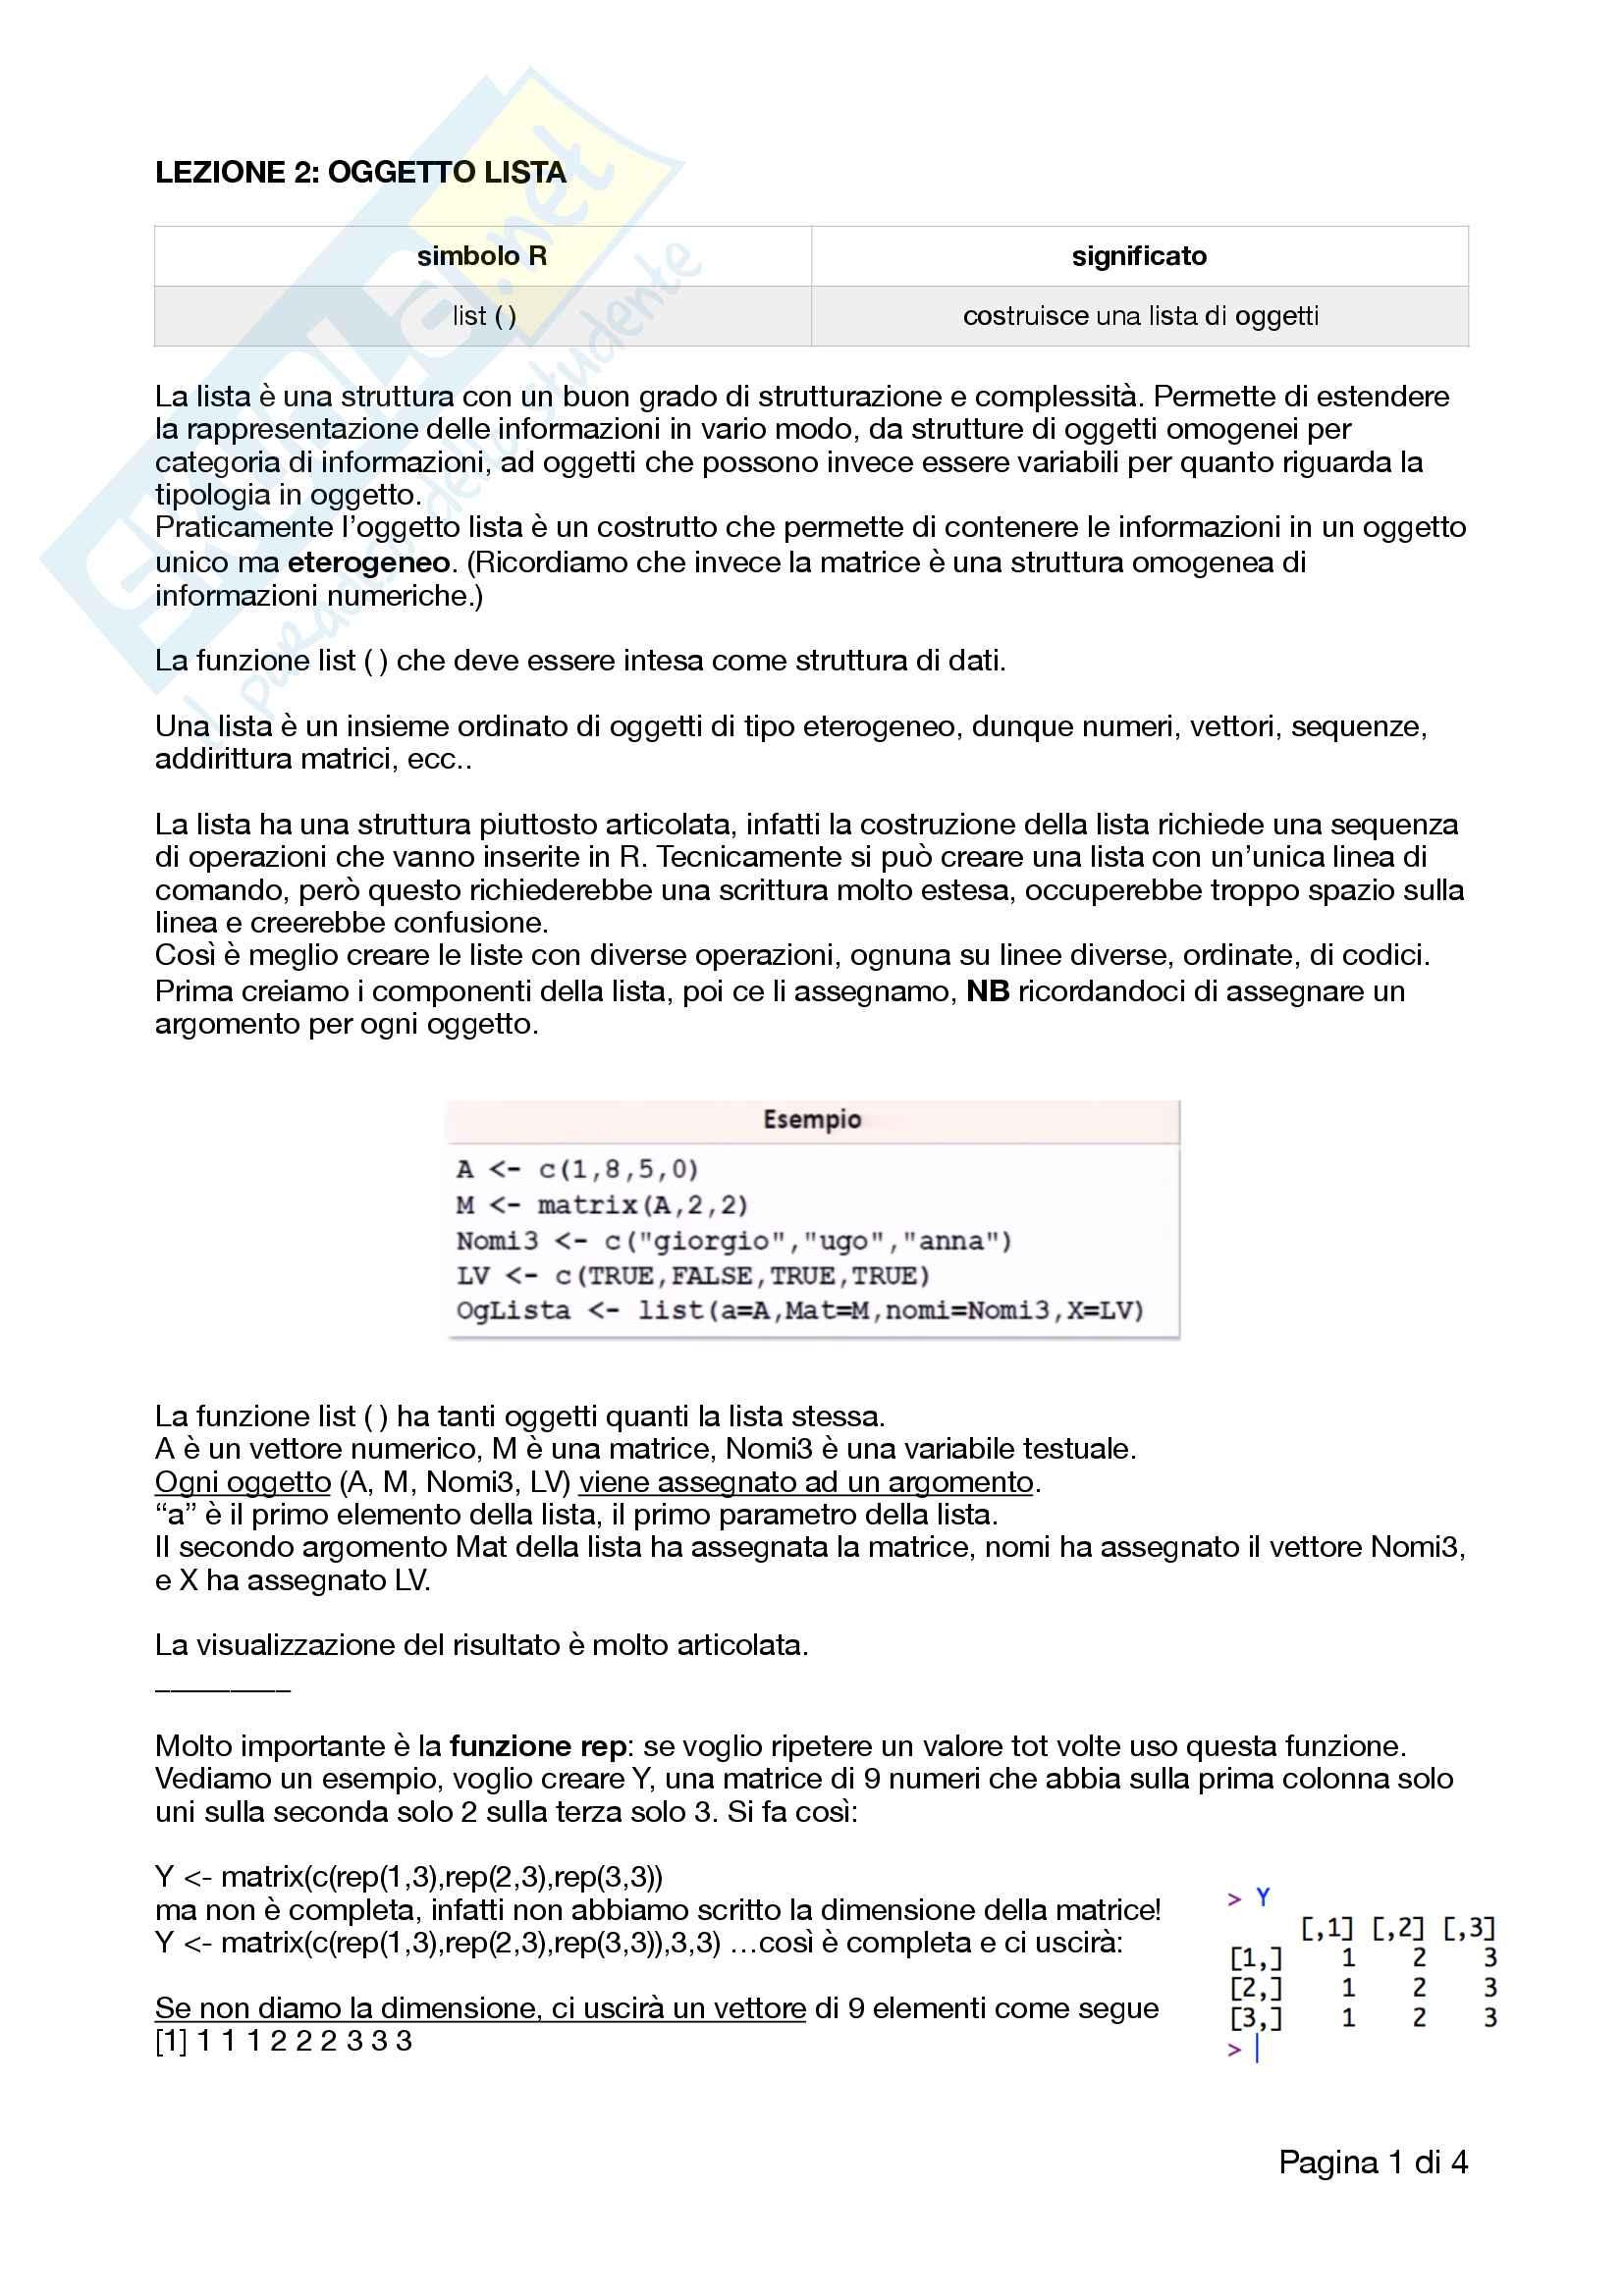 Appunti completi e ottimi di analisi dei dati, R, RStudio e correlati con esempi e esercizi Pag. 6